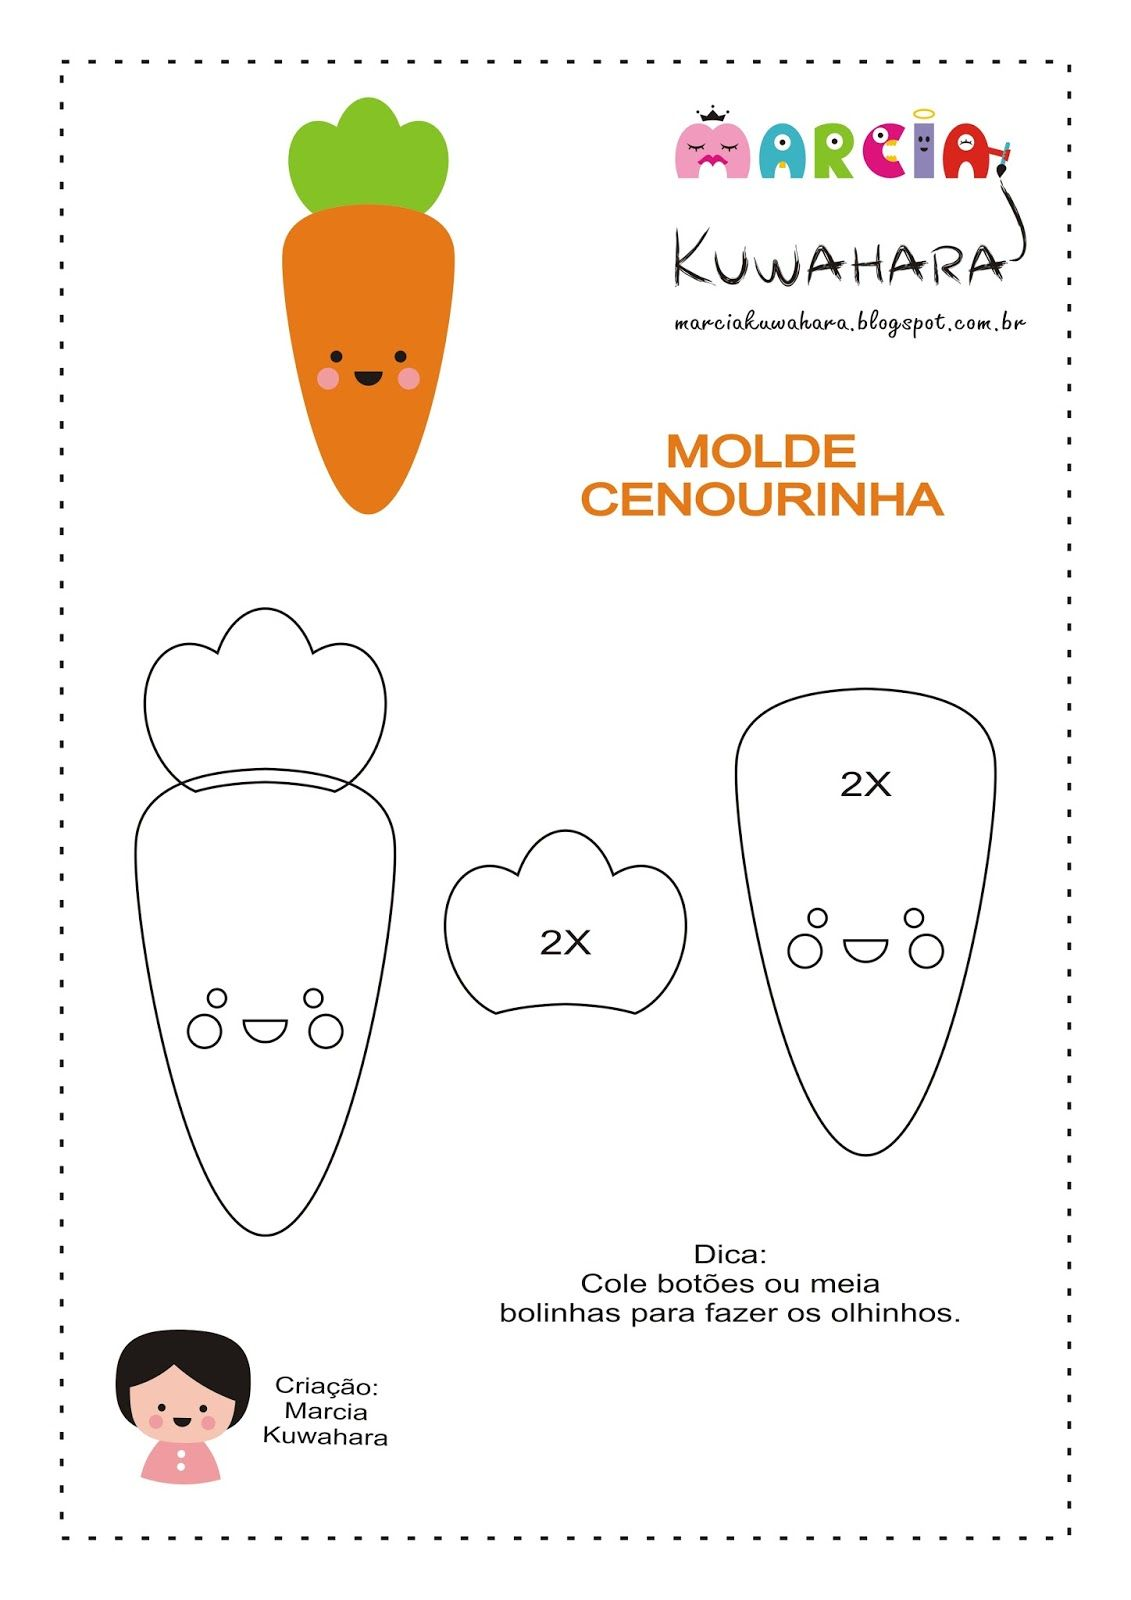 Marcia Kuwahara Molde Cenourinha Modelo De Livro Sensorial